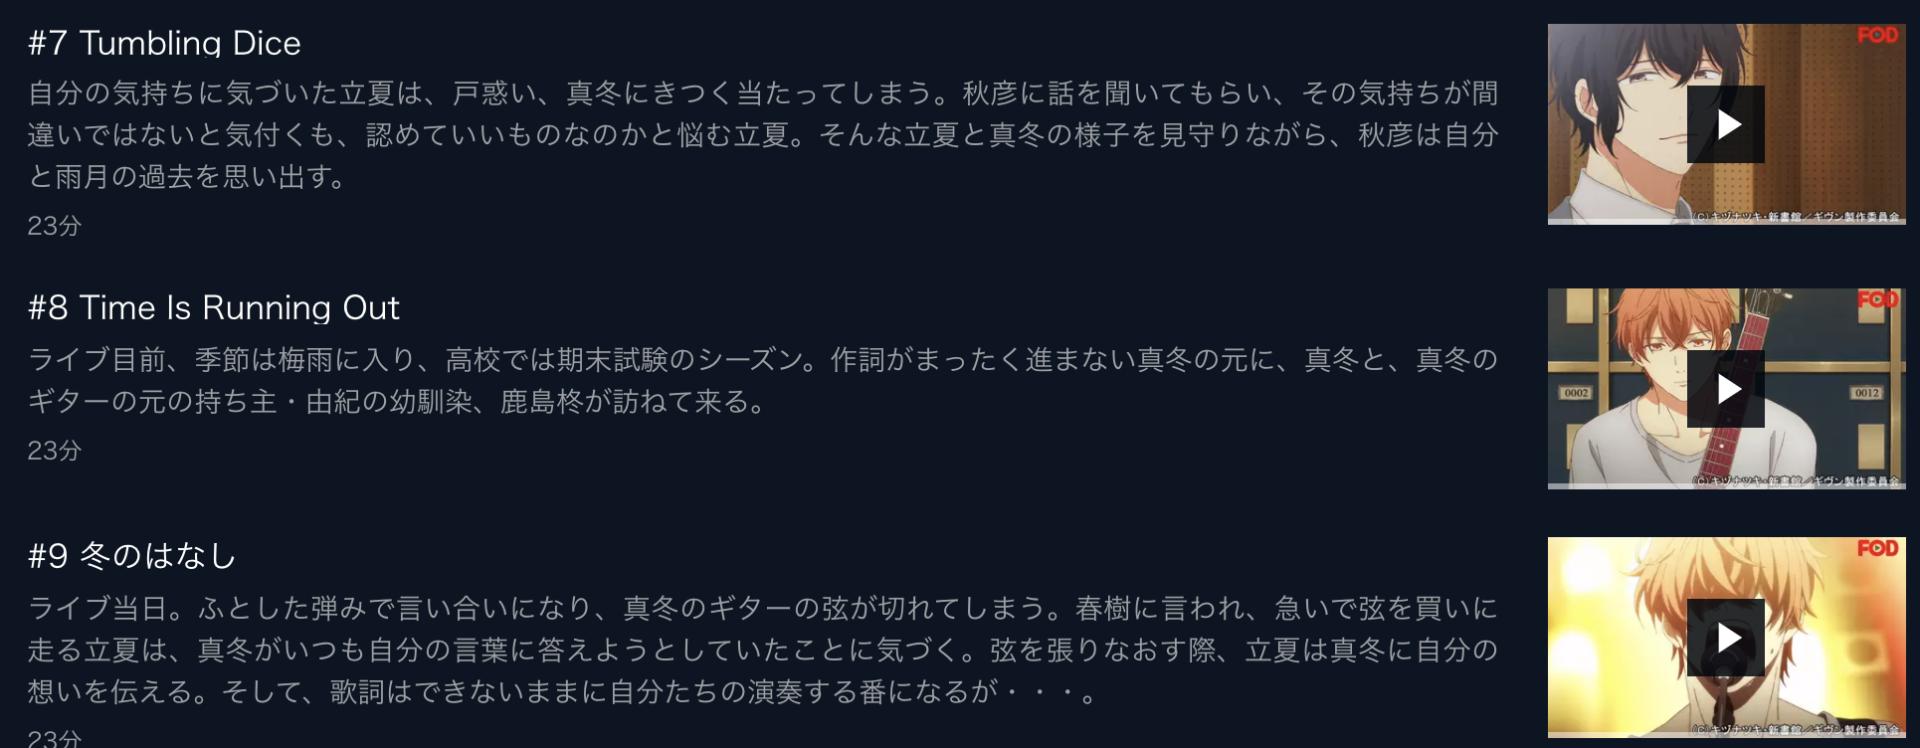 ギヴンアニメ全話無料